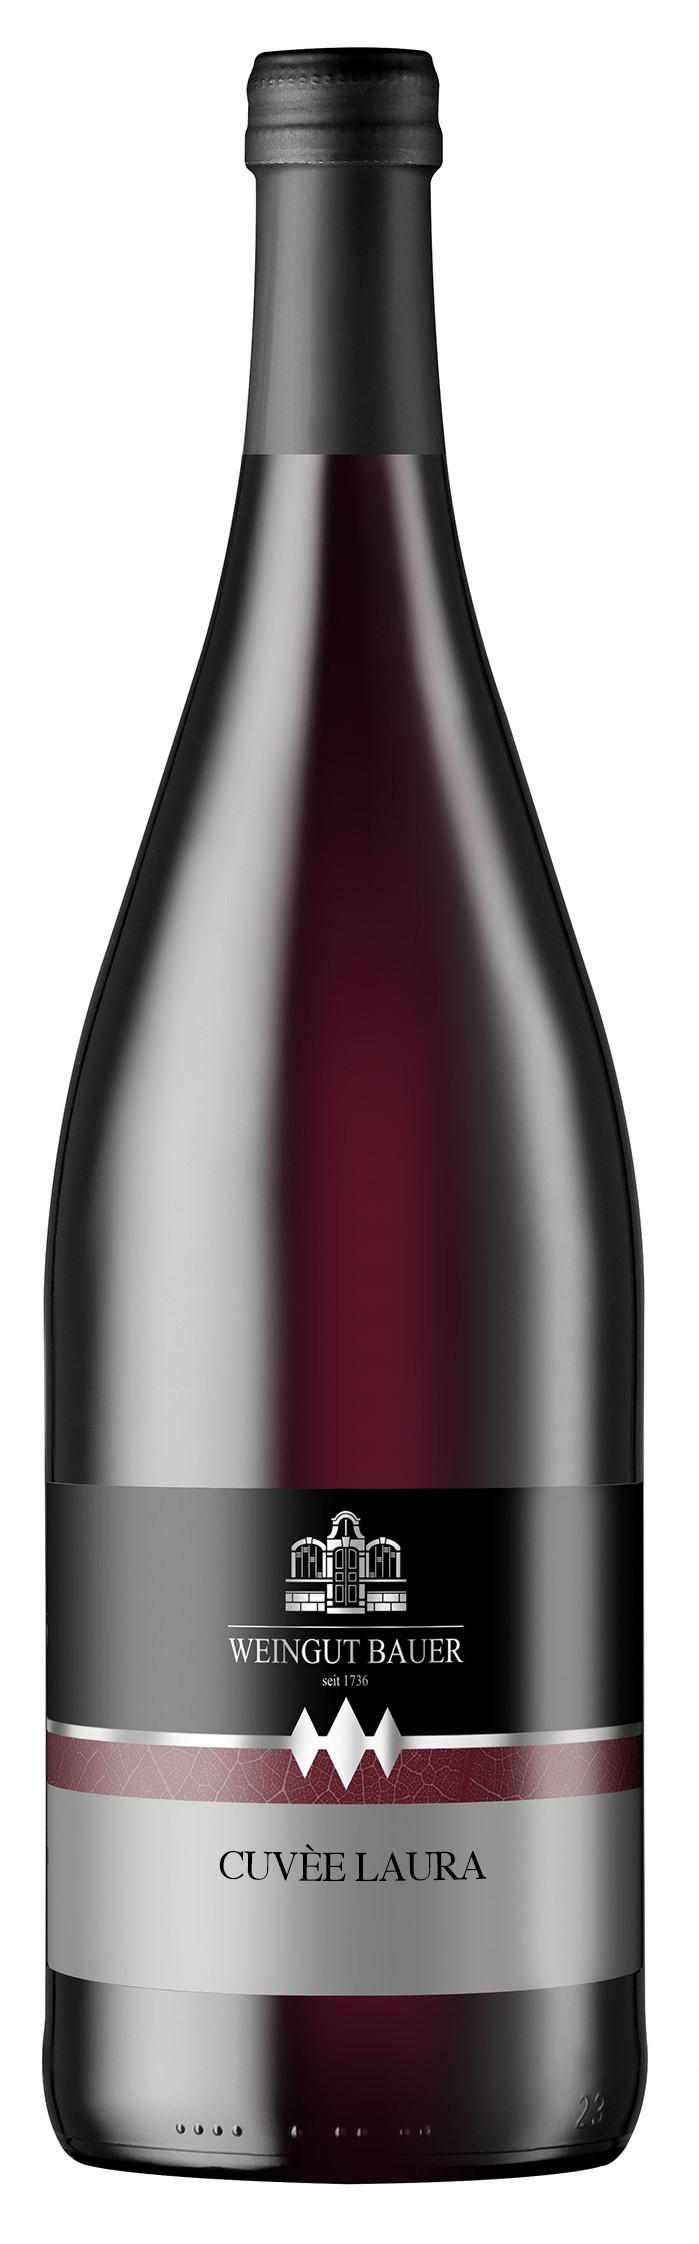 2016 Cuvee Laura, Rotwein, Qualitätswein 1000ml